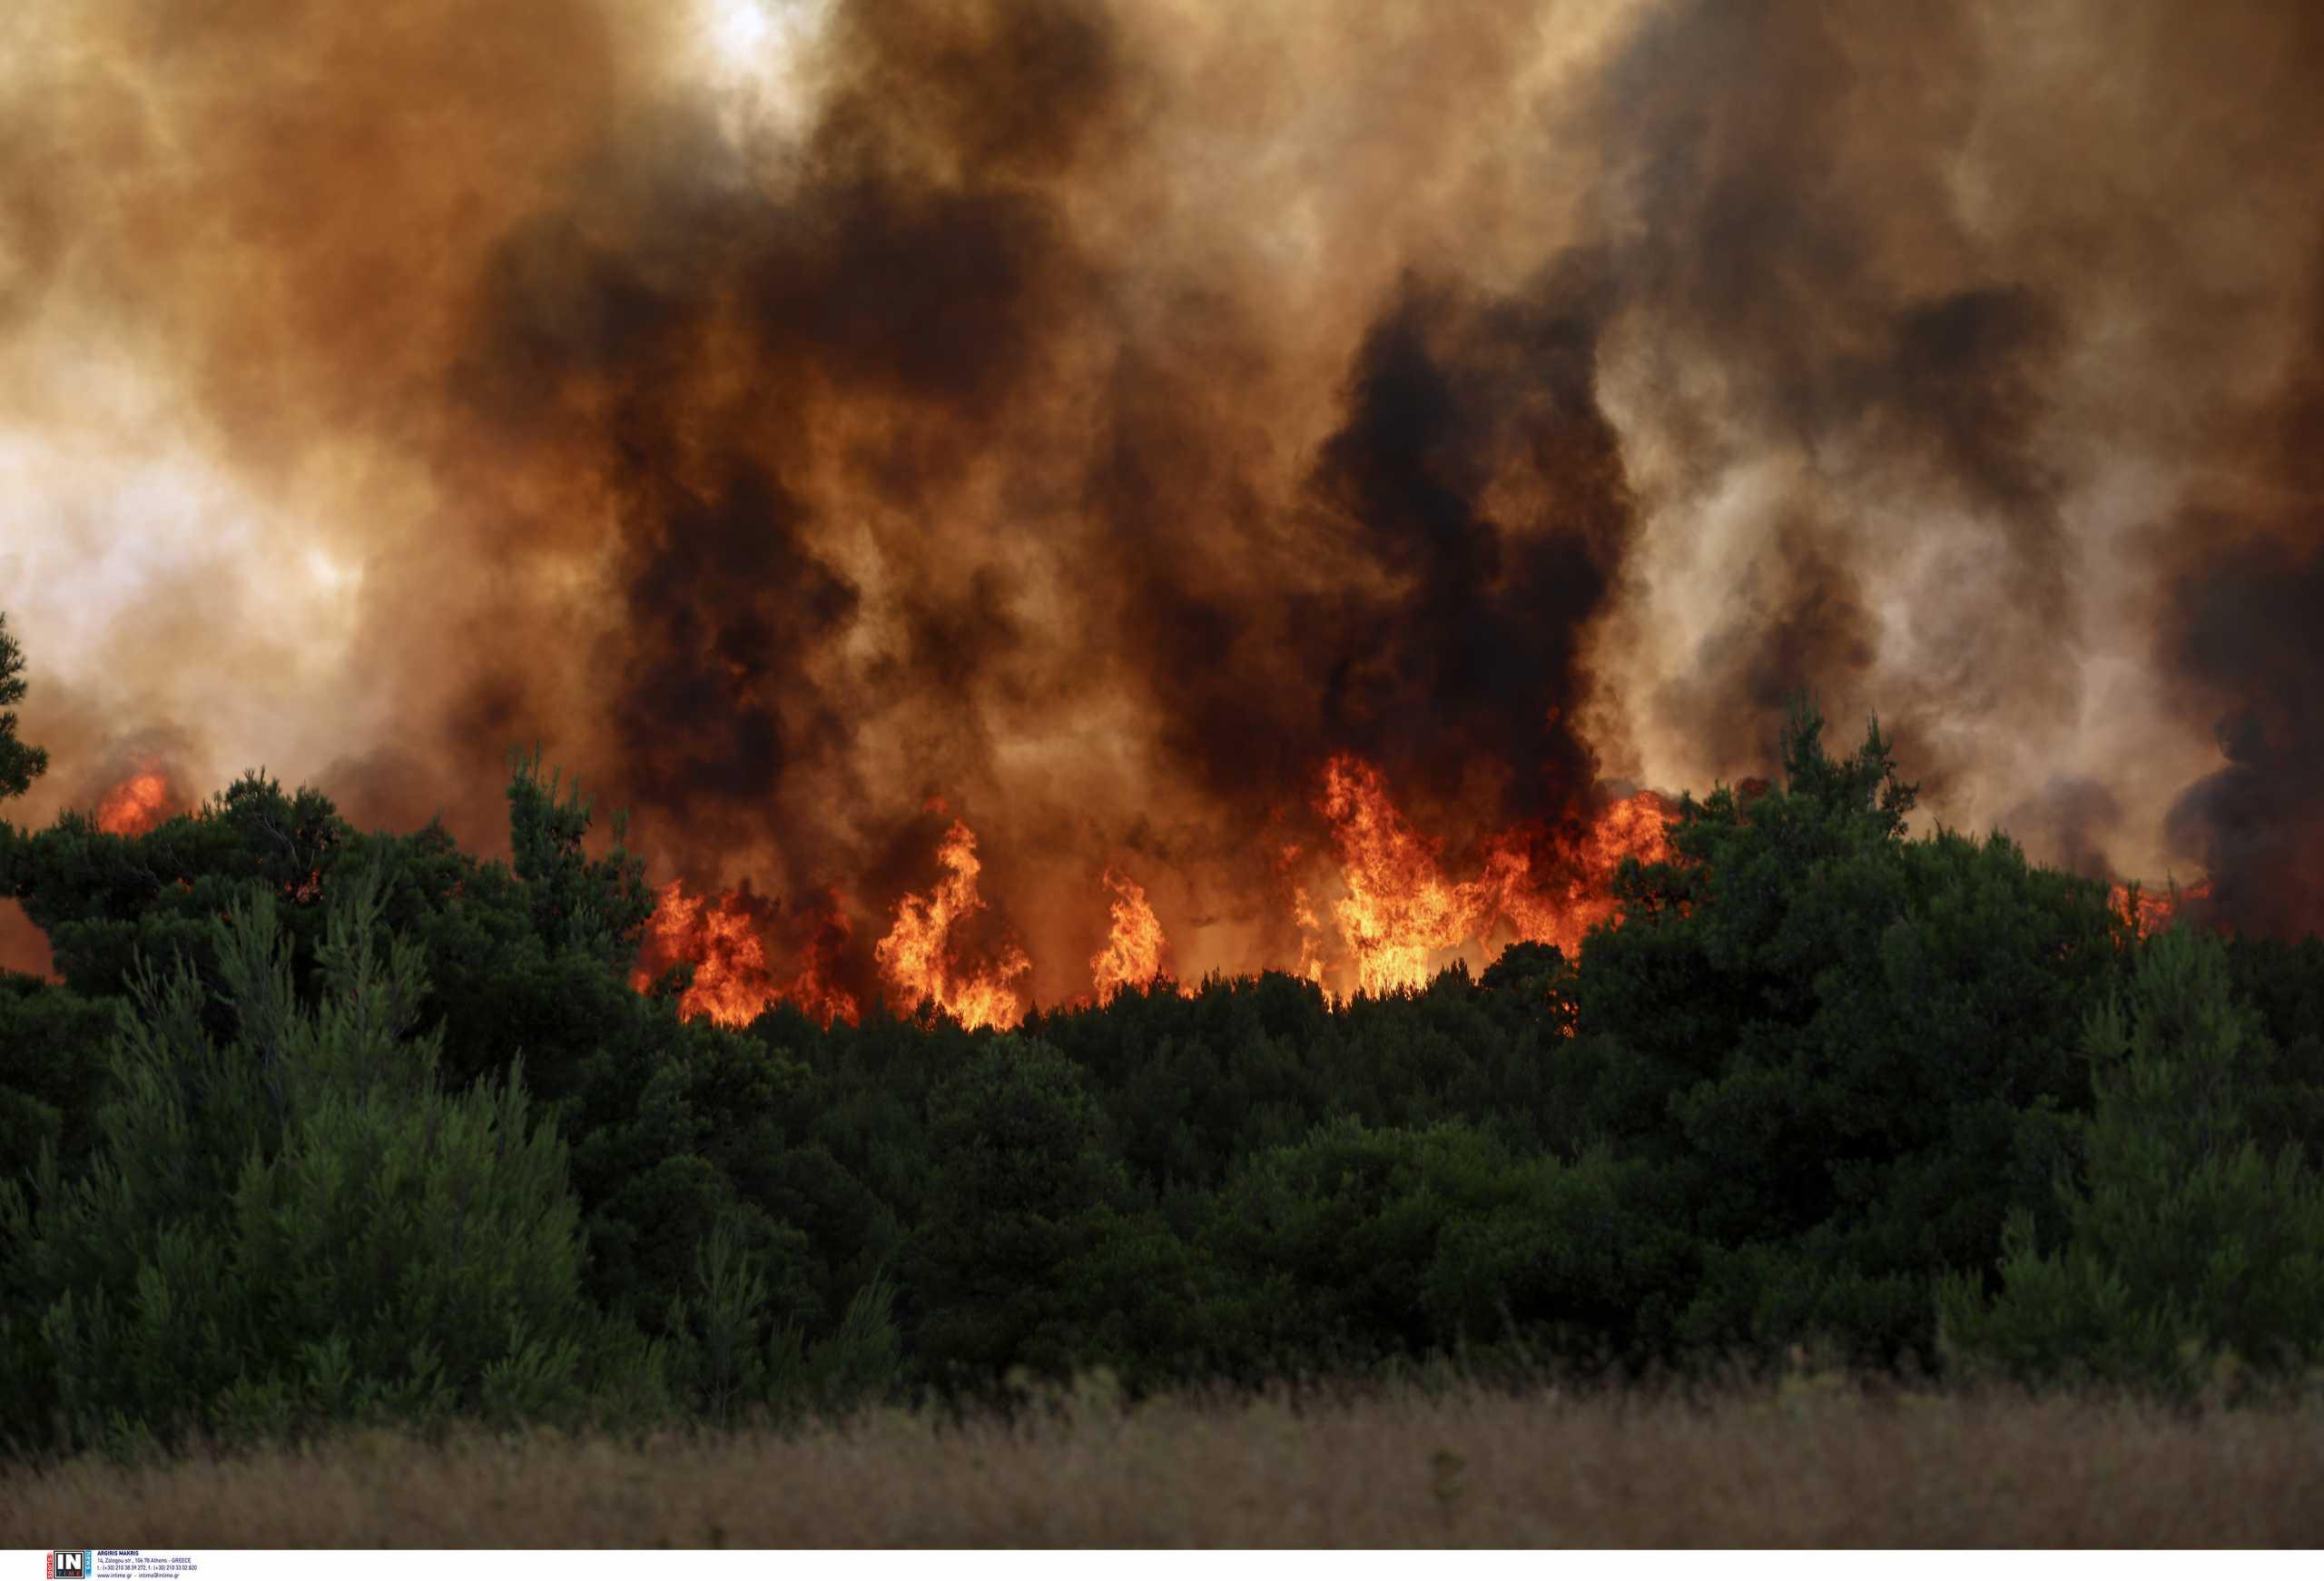 Γρεβενά: Εκκενώθηκαν 6 οικισμοί λόγω της μεγάλης φωτιάς